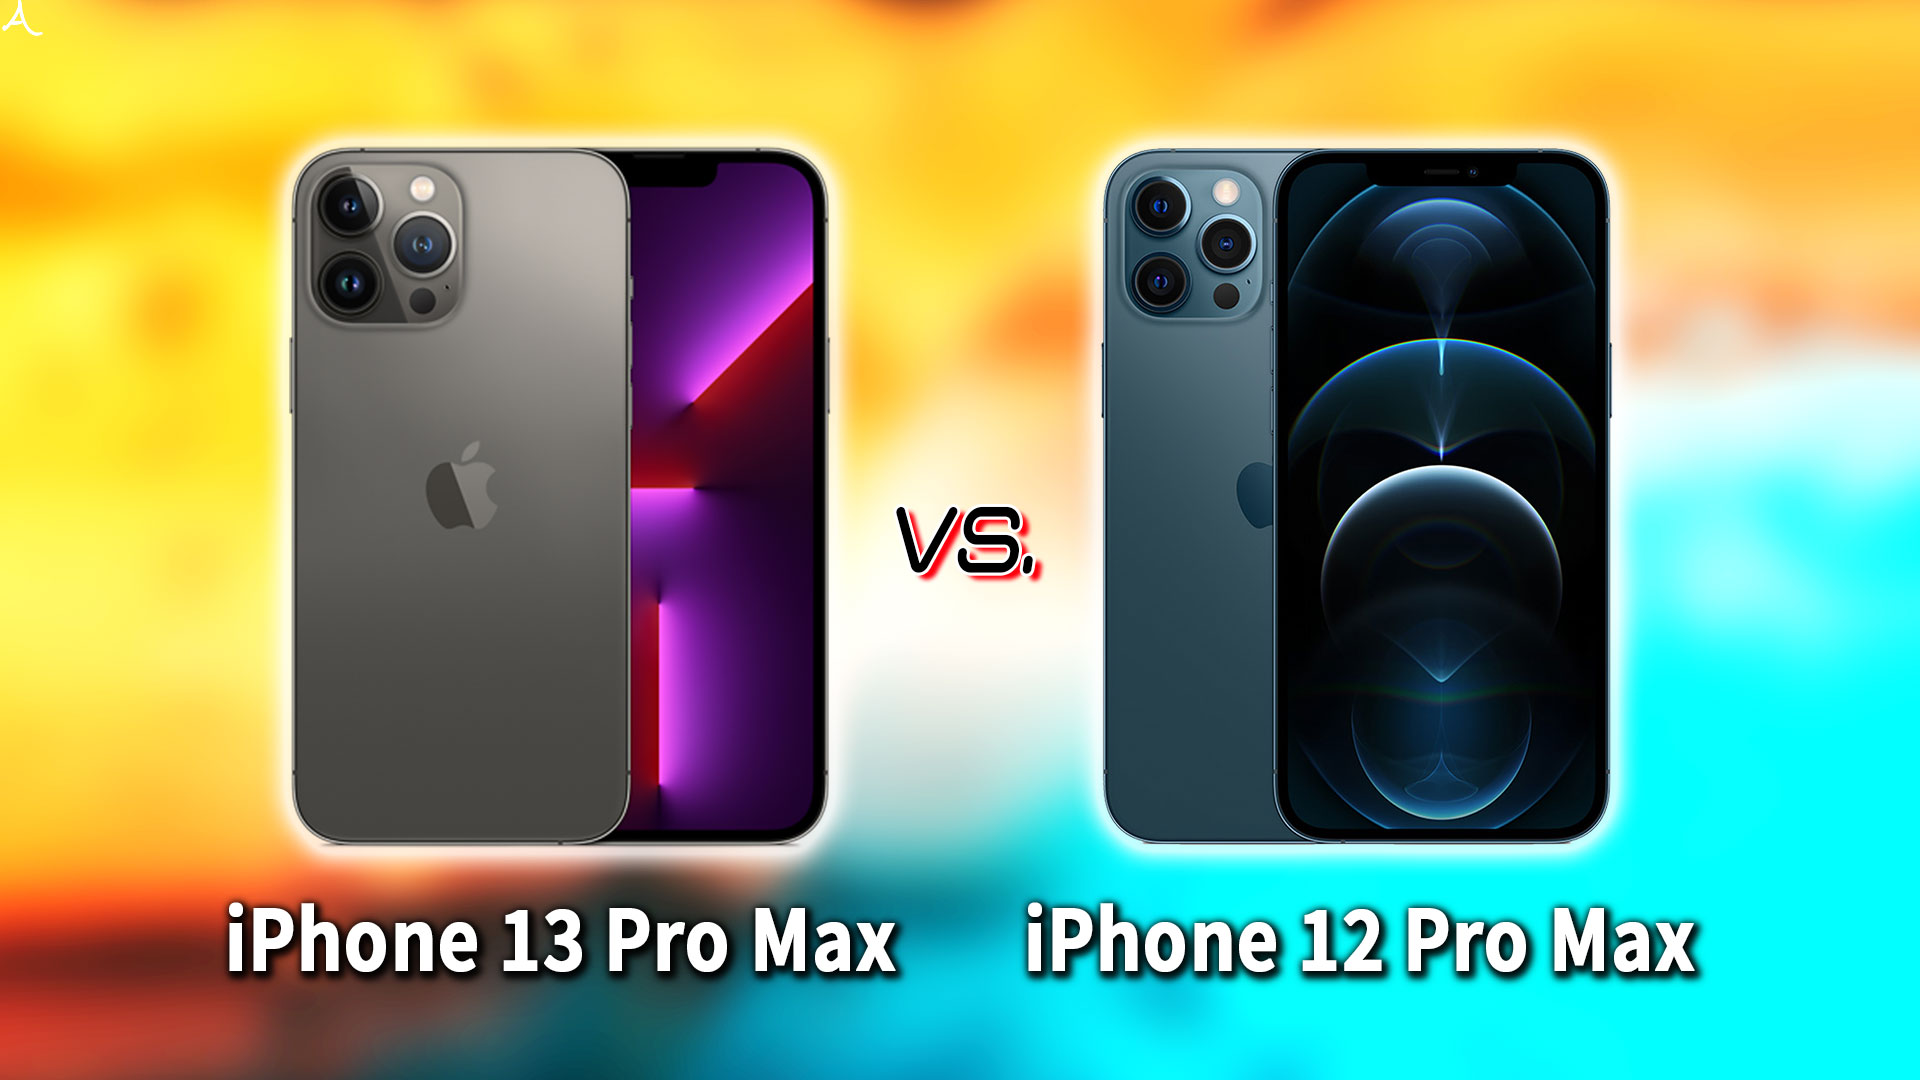 「iPhone 13 Pro Max」と「iPhone 12 Pro Max」の違いを比較:どっちを買う?